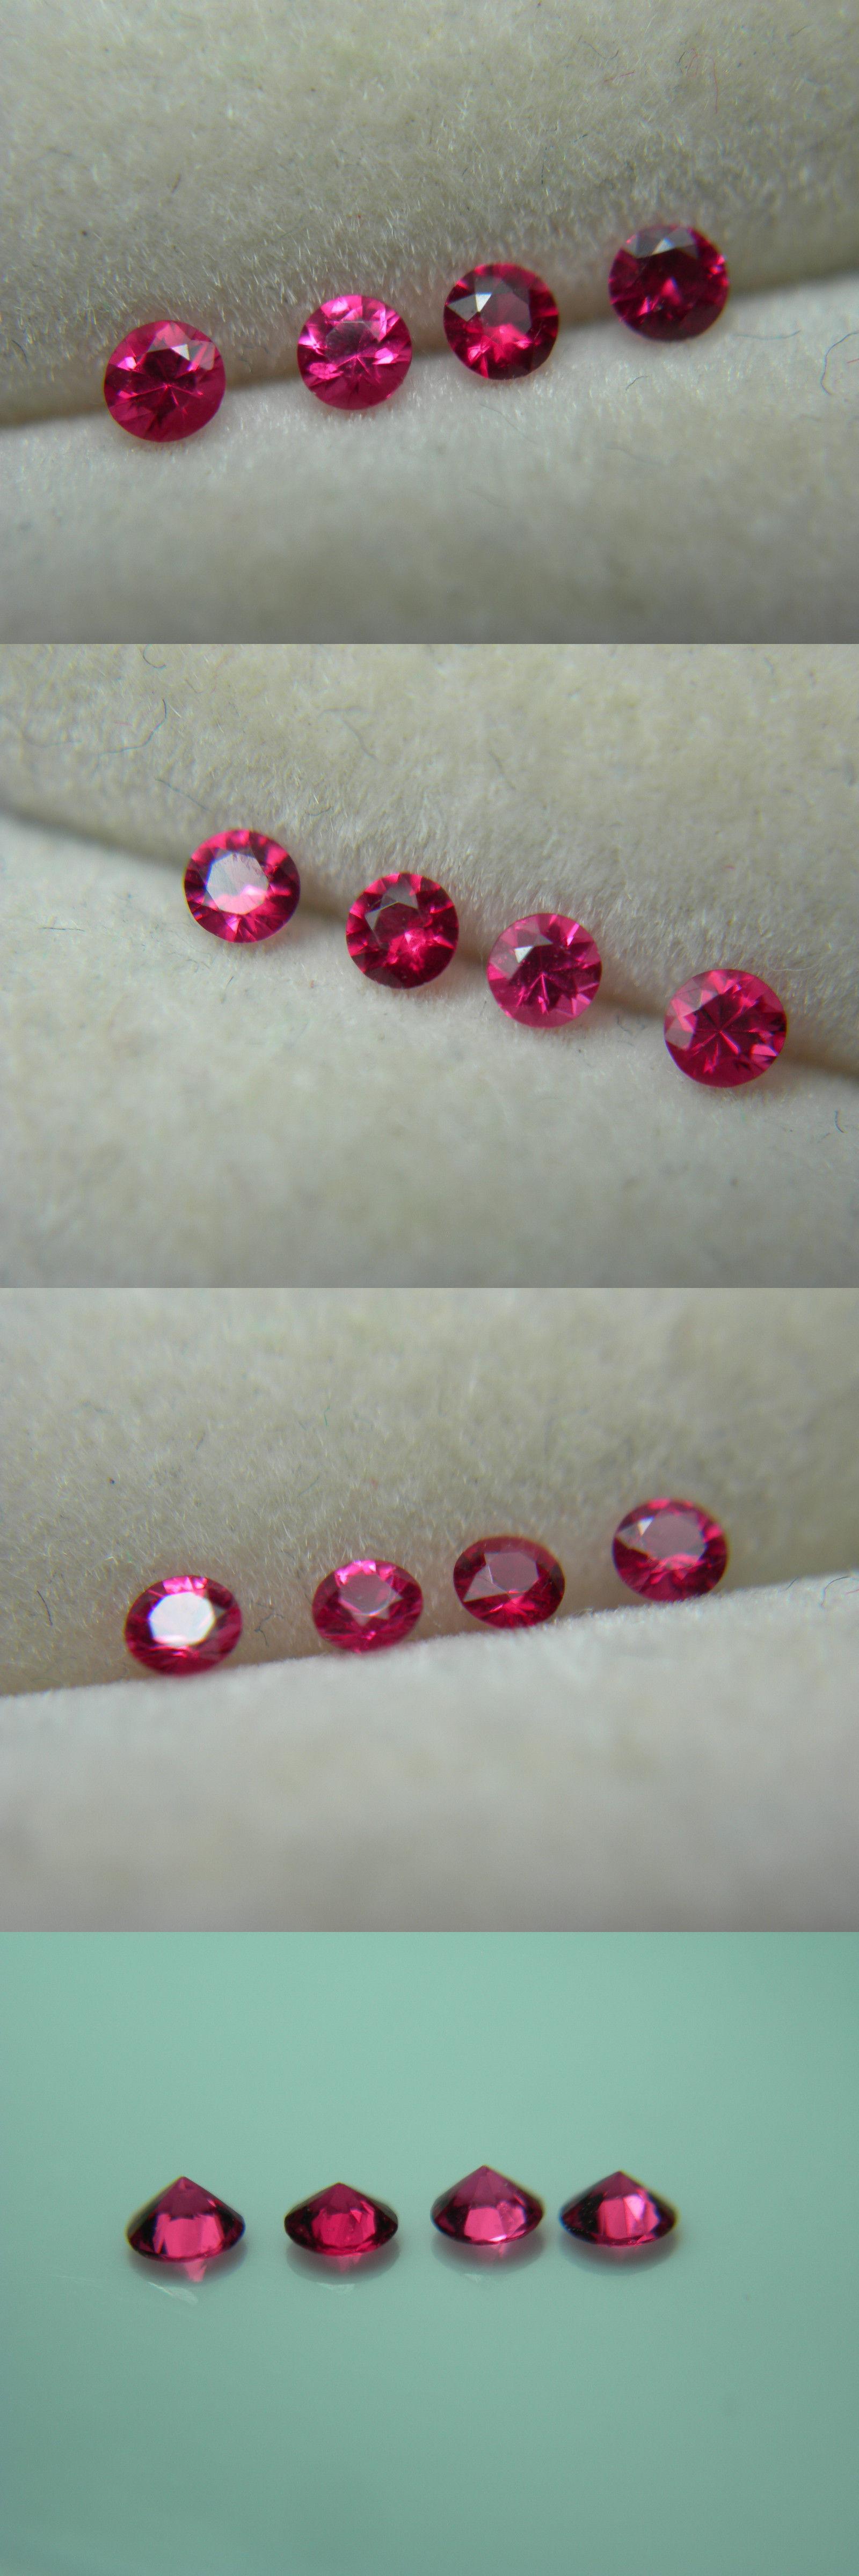 Spinel 110873: 4 Rare Fine Red Spinel Gems Mogok Burma Natural ...